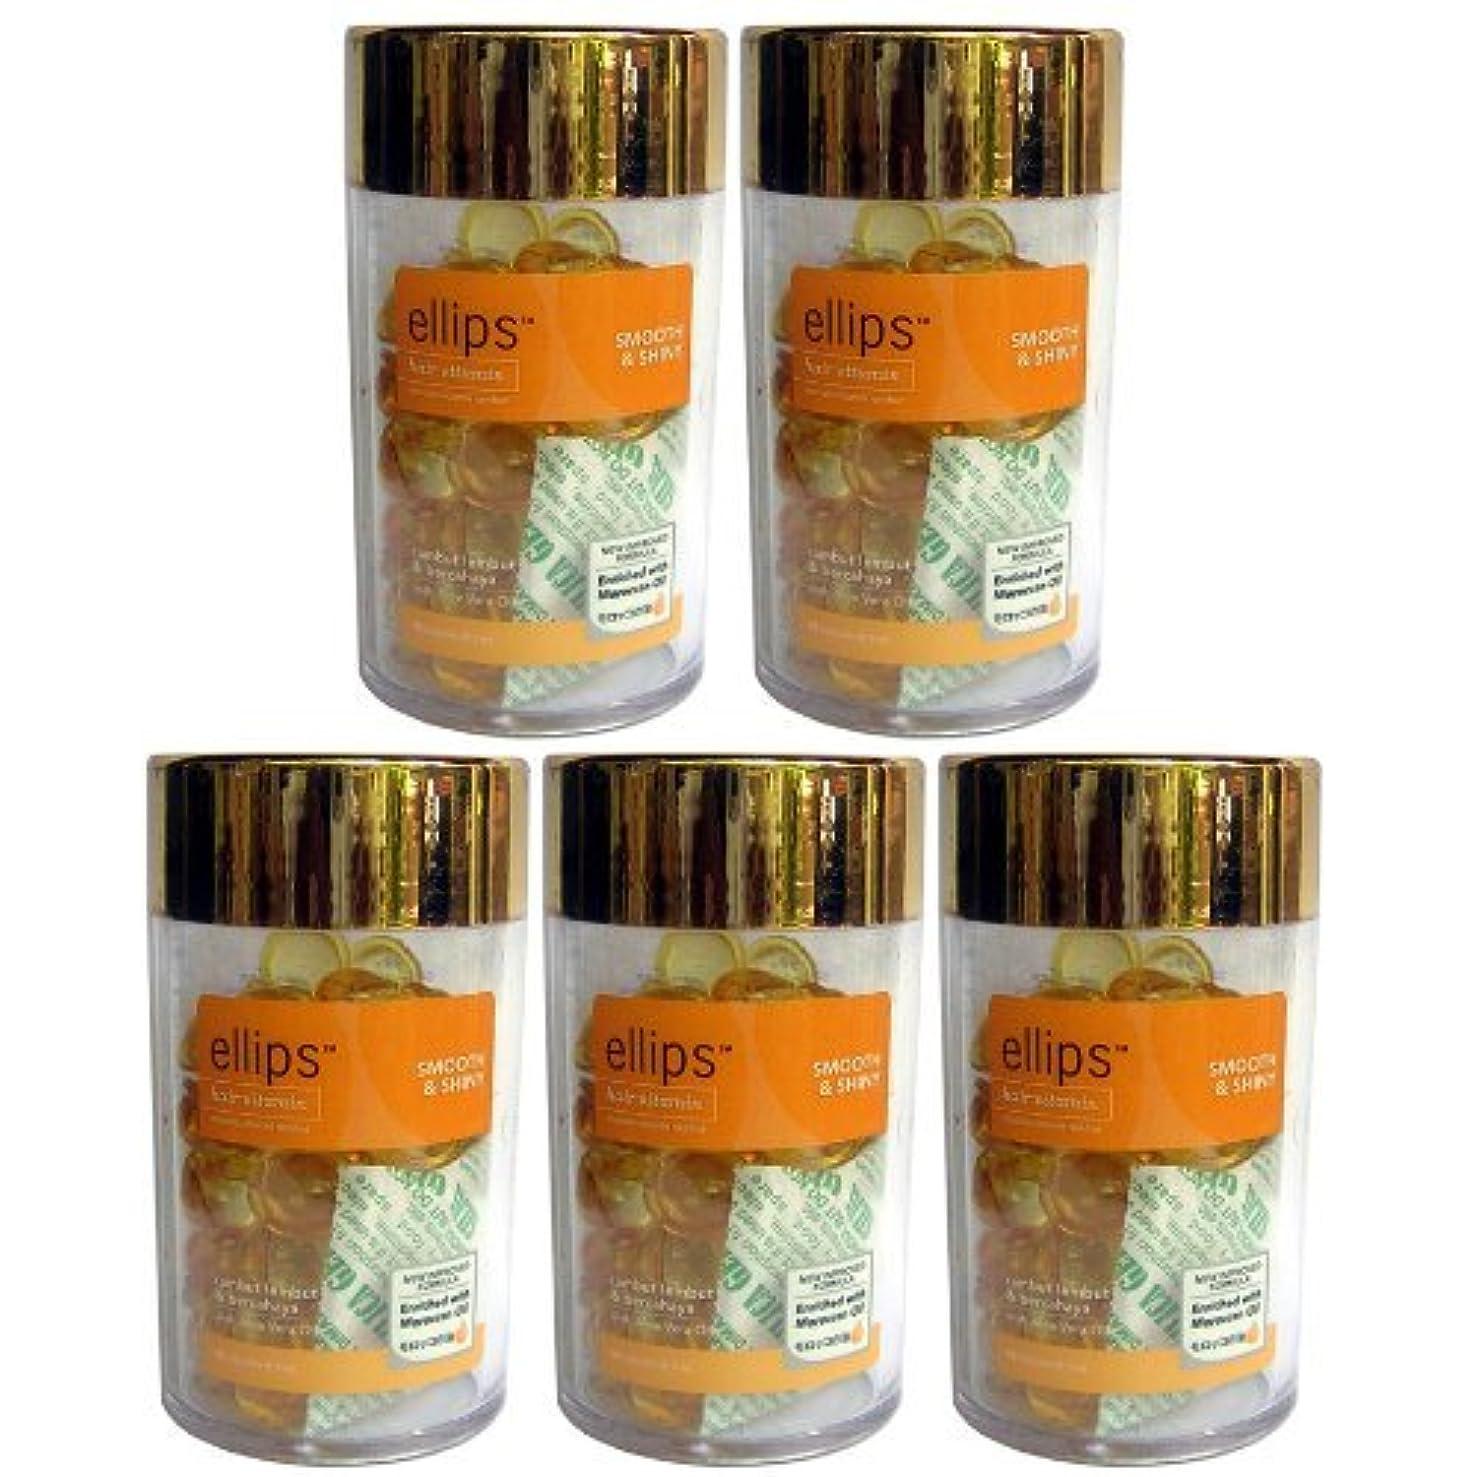 アサーおんどりアルカトラズ島Ellips(エリプス)ヘアビタミン(50粒入)5個セット [並行輸入品][海外直送品] イエロー